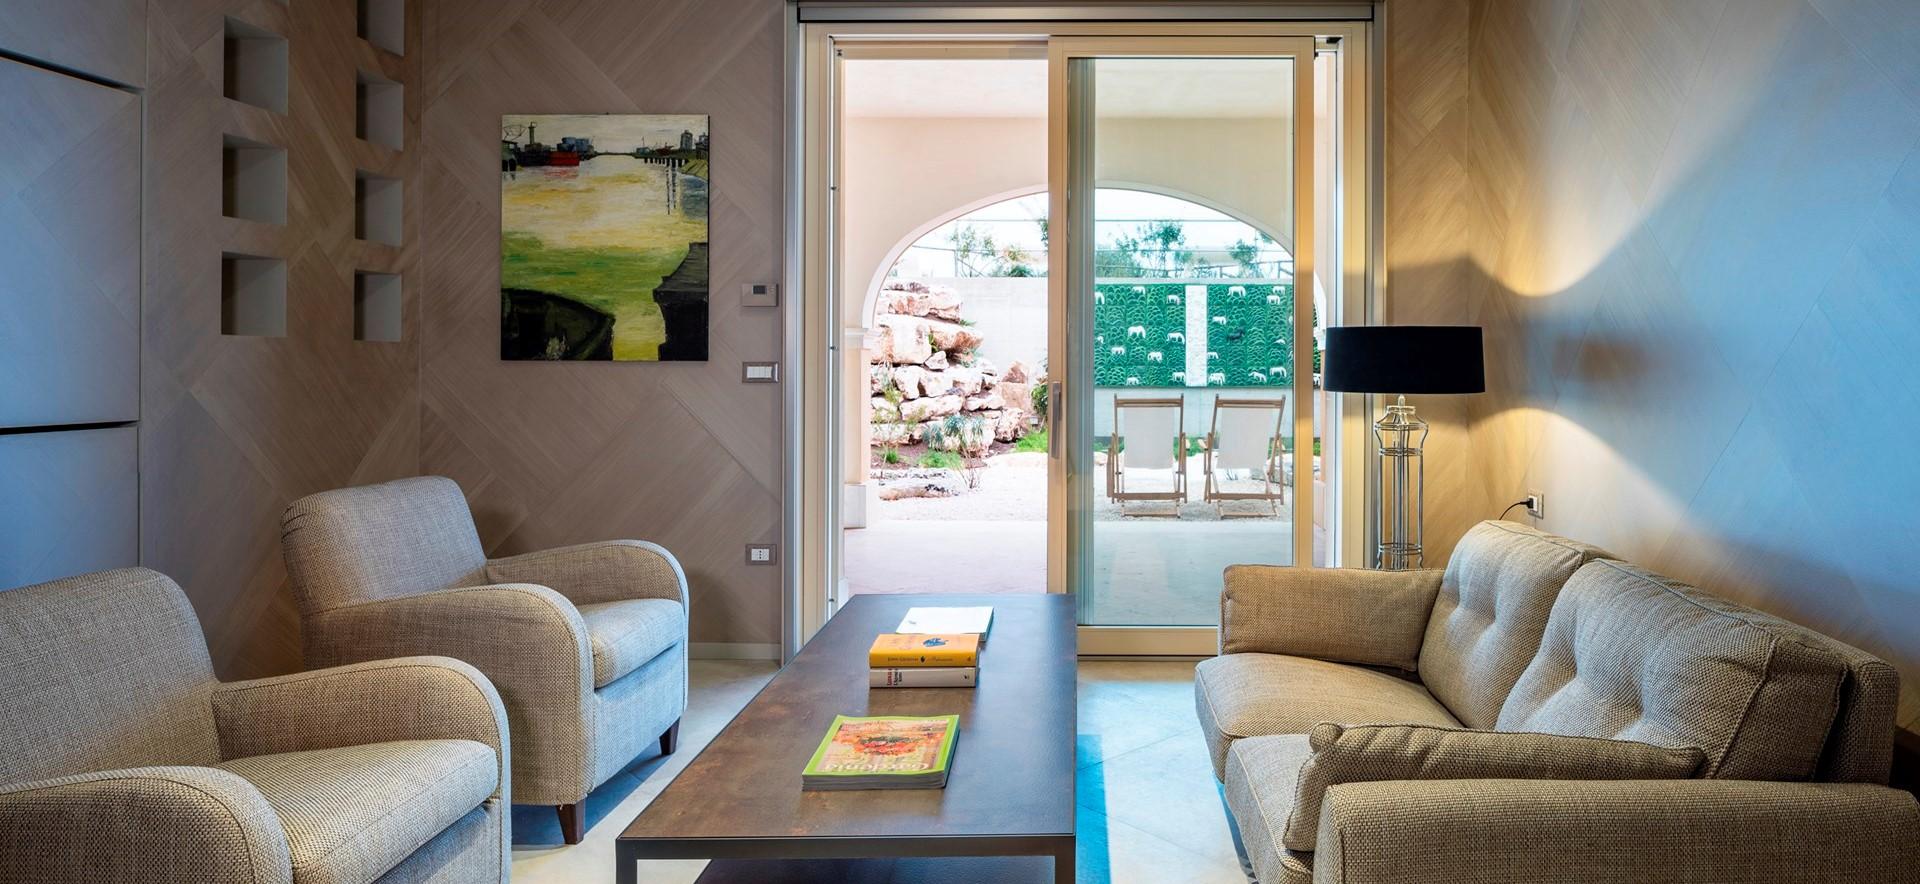 villa-dell-aquila-bedroom-4-lounge